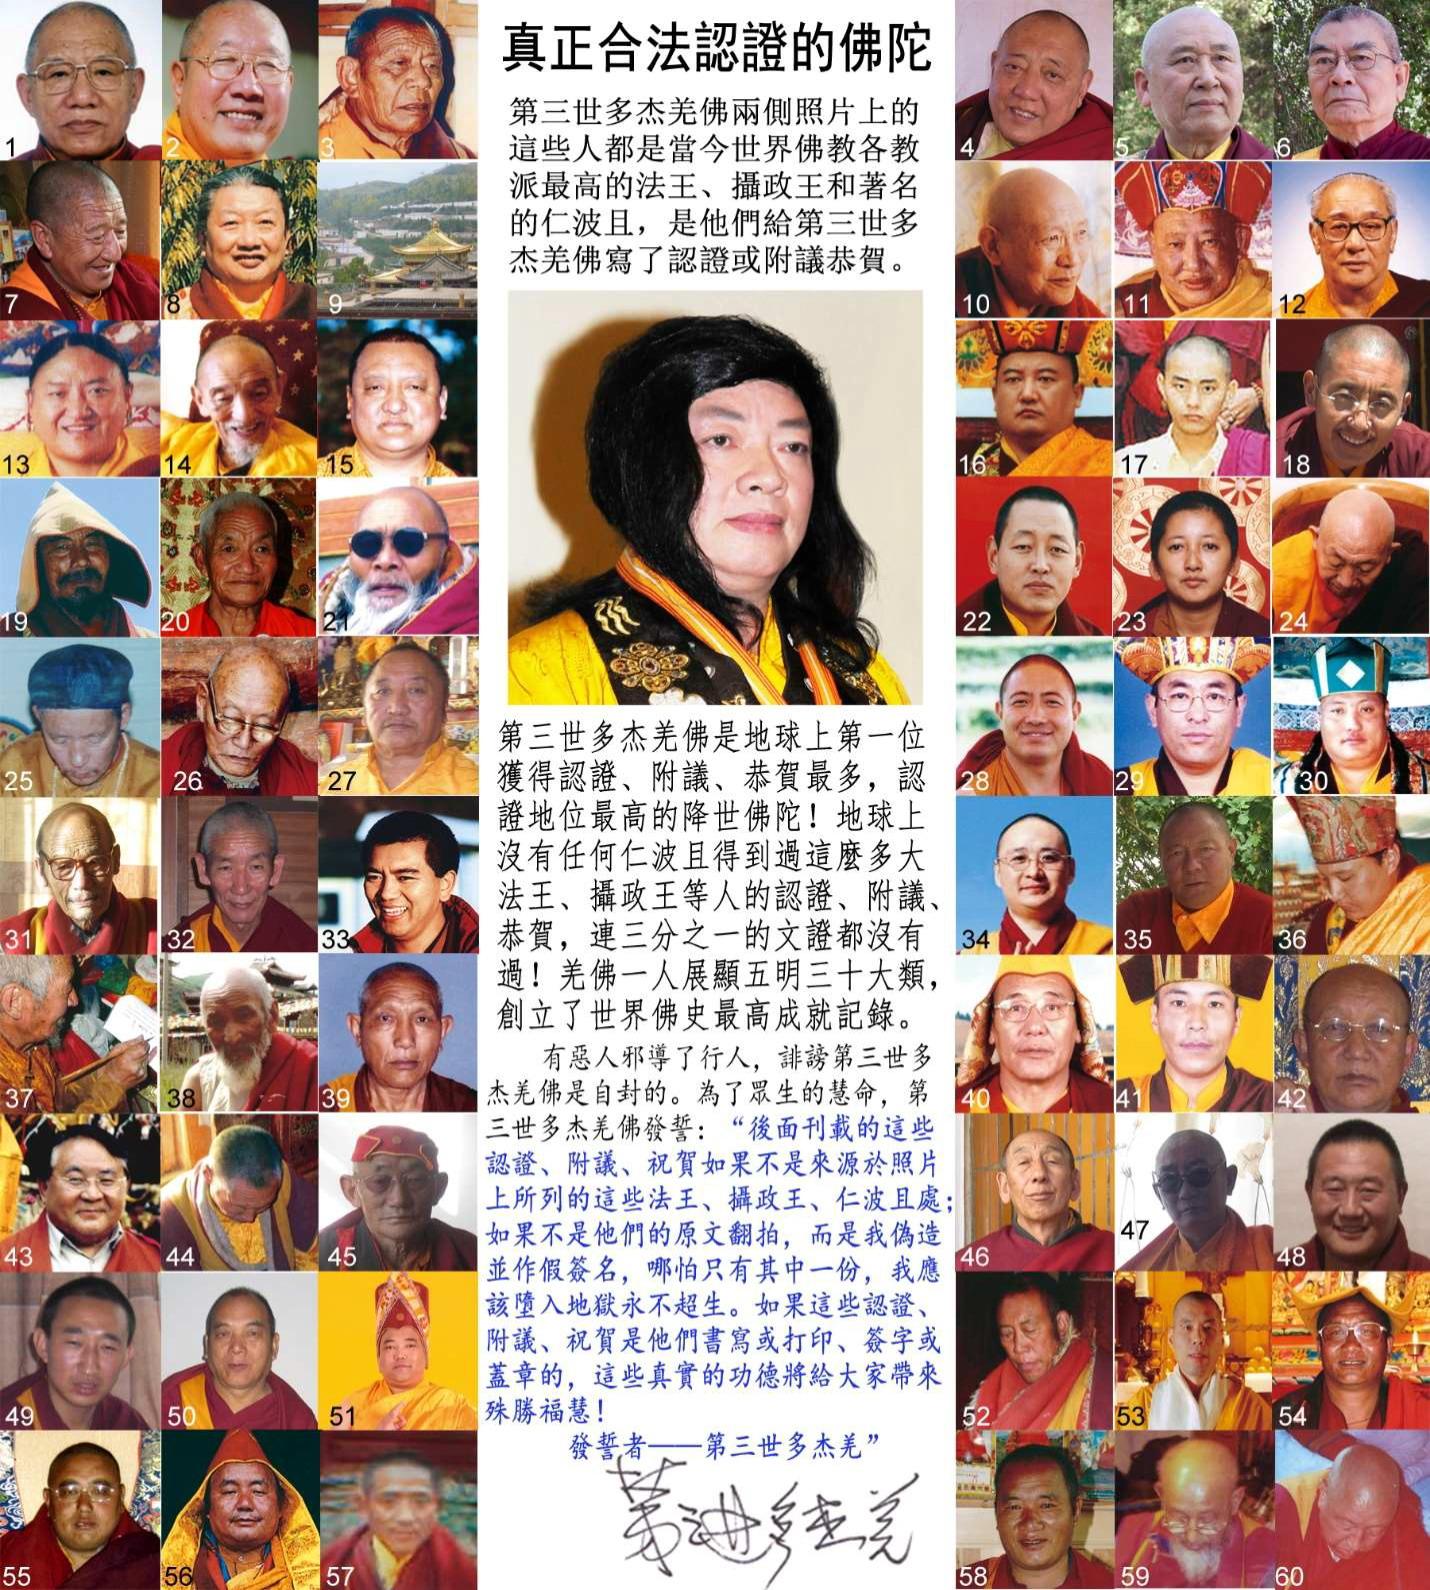 华盛顿时报:世界佛教总部声明 1/28/2019 第4张